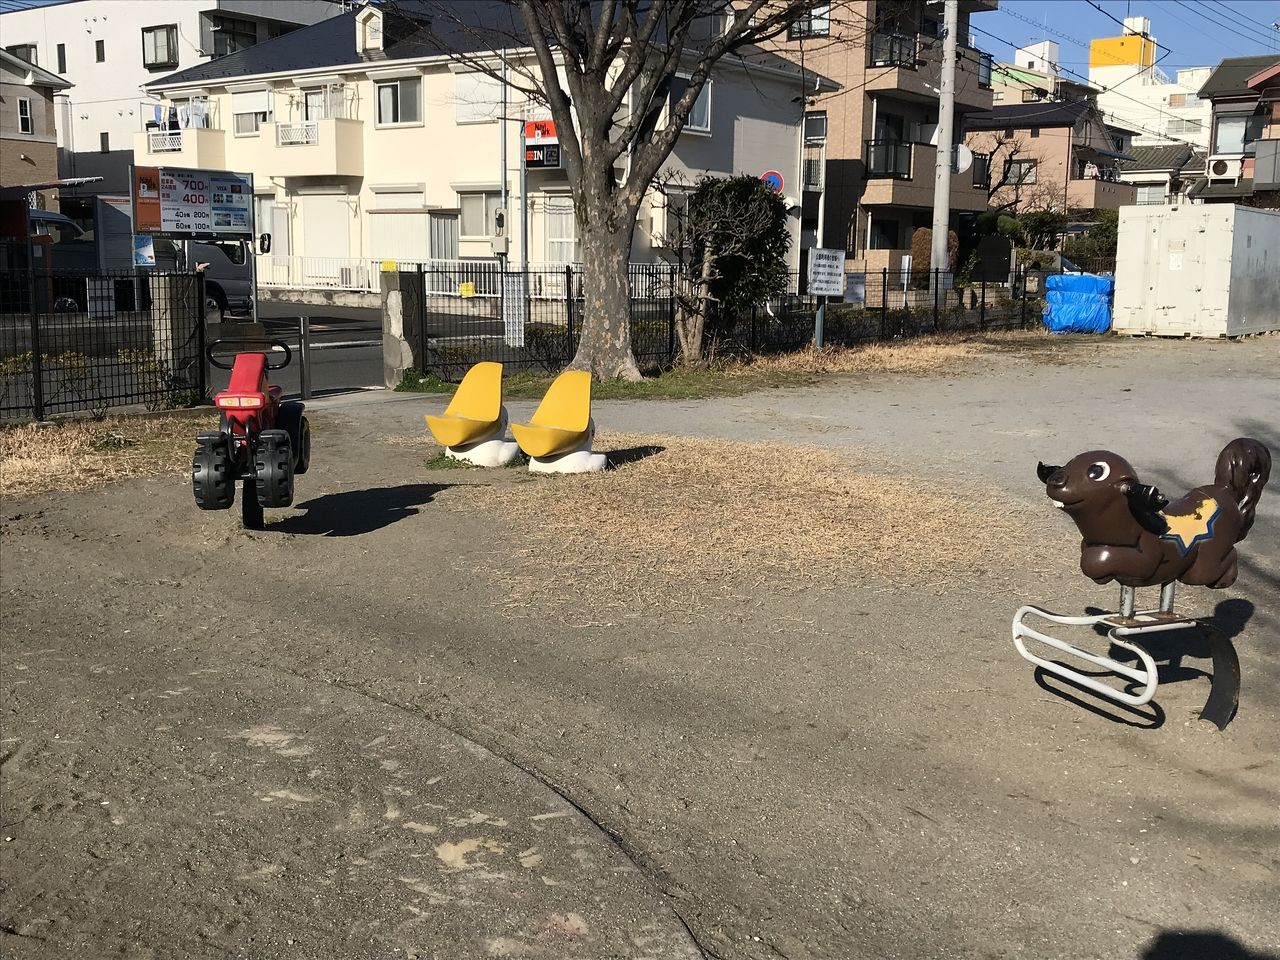 行徳の西浜公園のベンチと乗り物